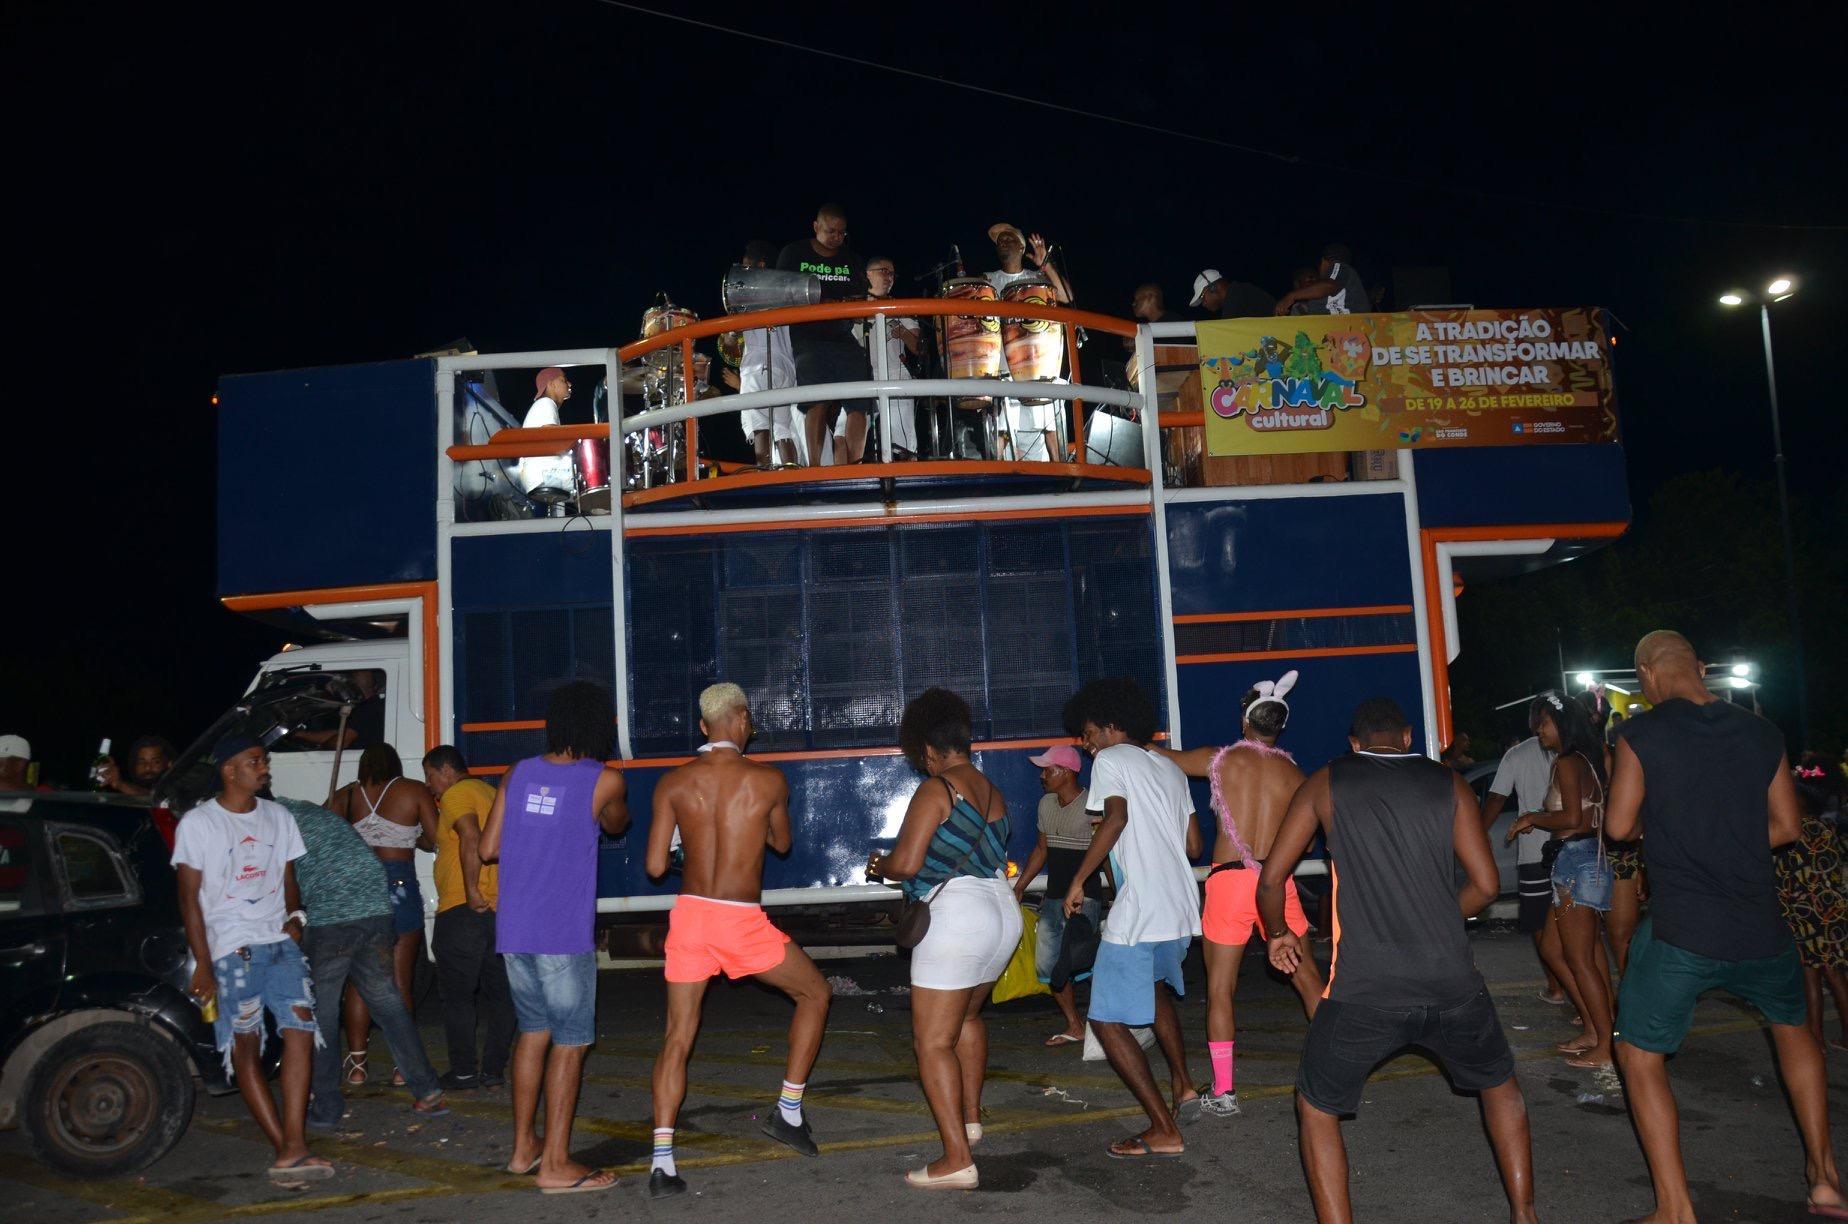 Carnaval Cultural 2020: Sexta-feira de Carnaval com muito samba no pé